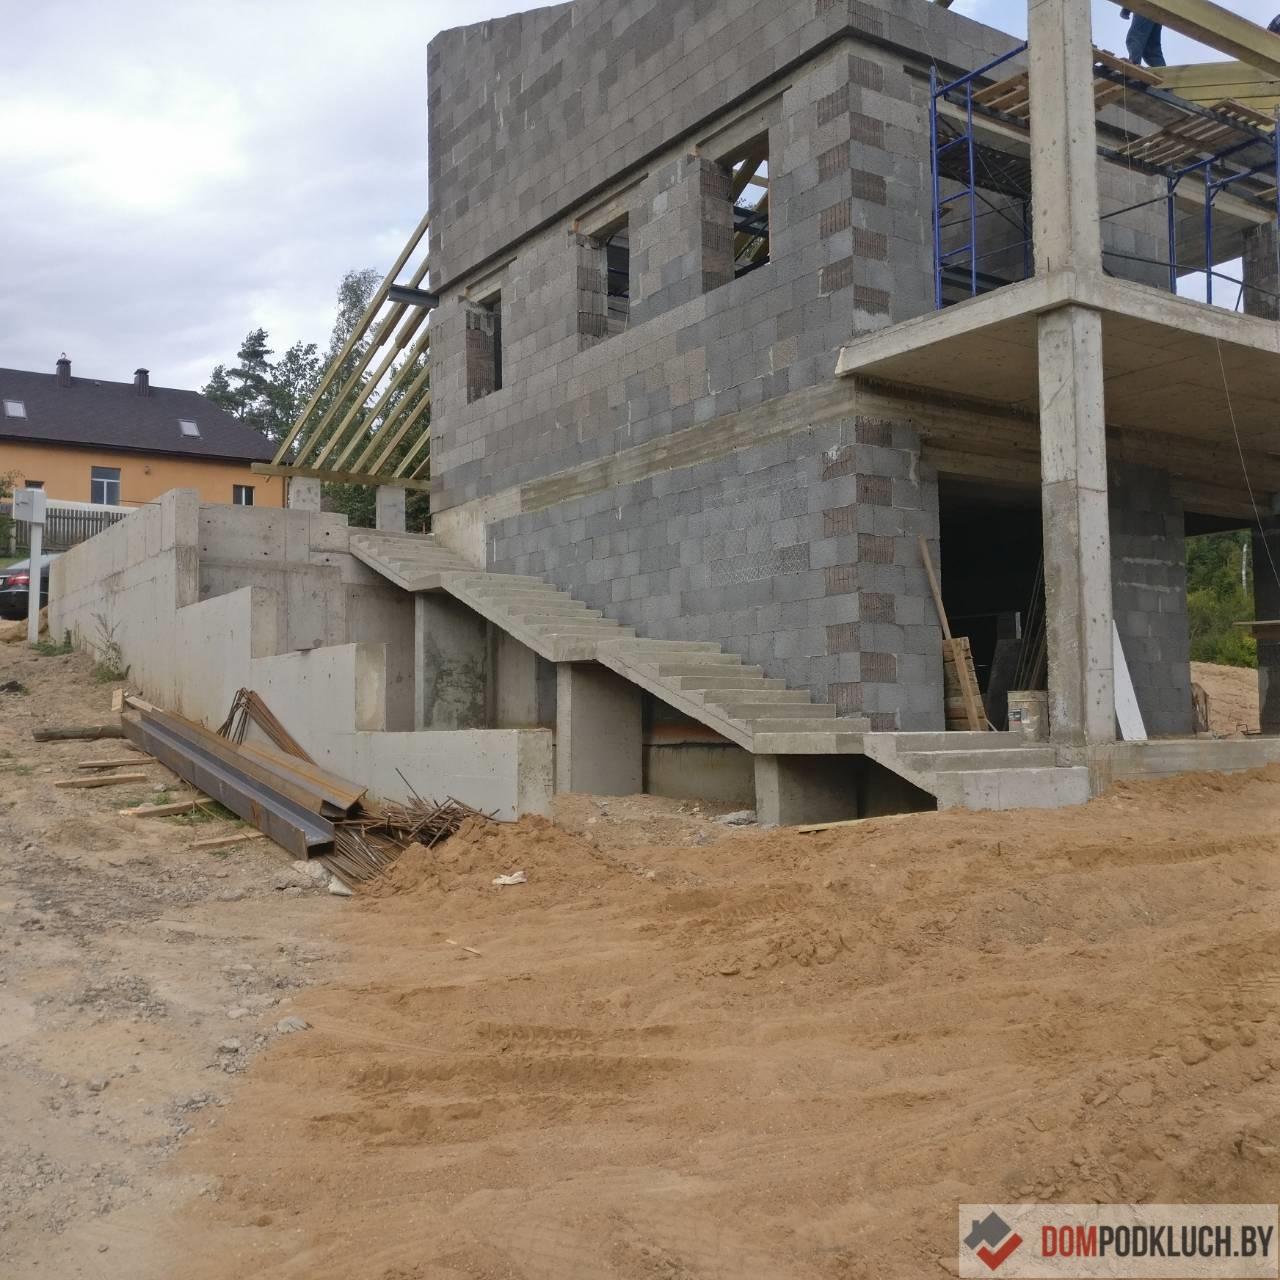 Пример строительства дома по индивидуальному проекту